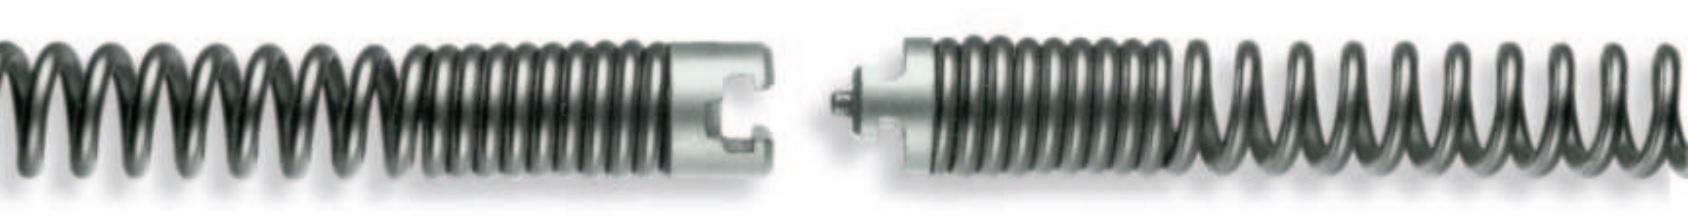 Spirale 16 - 32 mm, bis 4,5 m, mit Nut-Stift-Kupplung